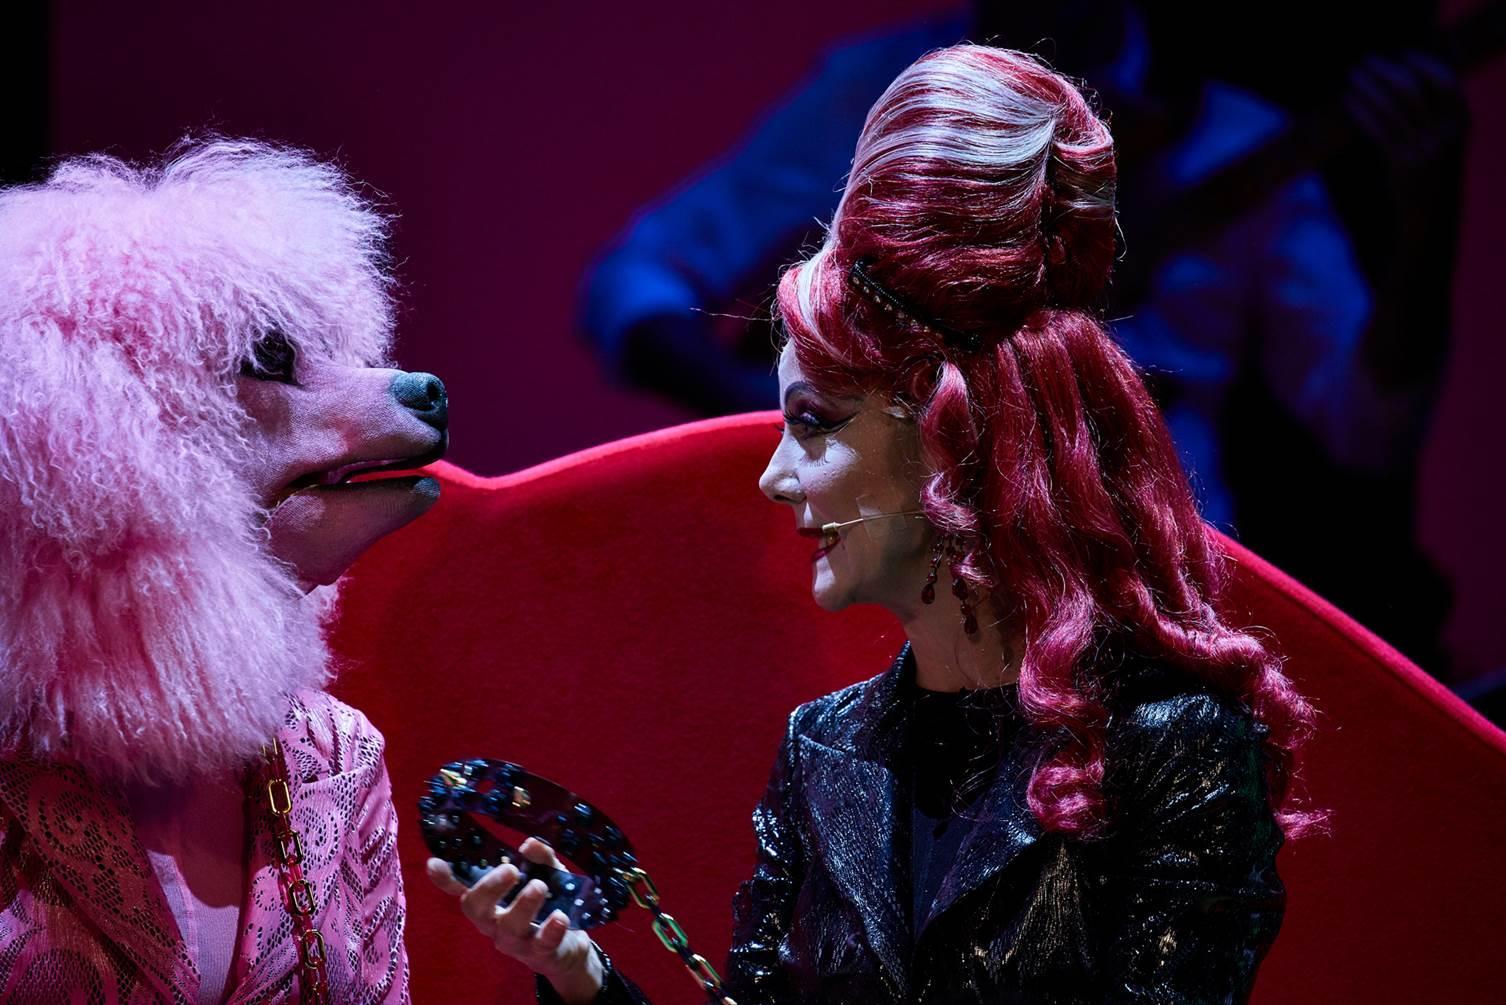 madame-pink-foto-giovanni-ambrosio-7